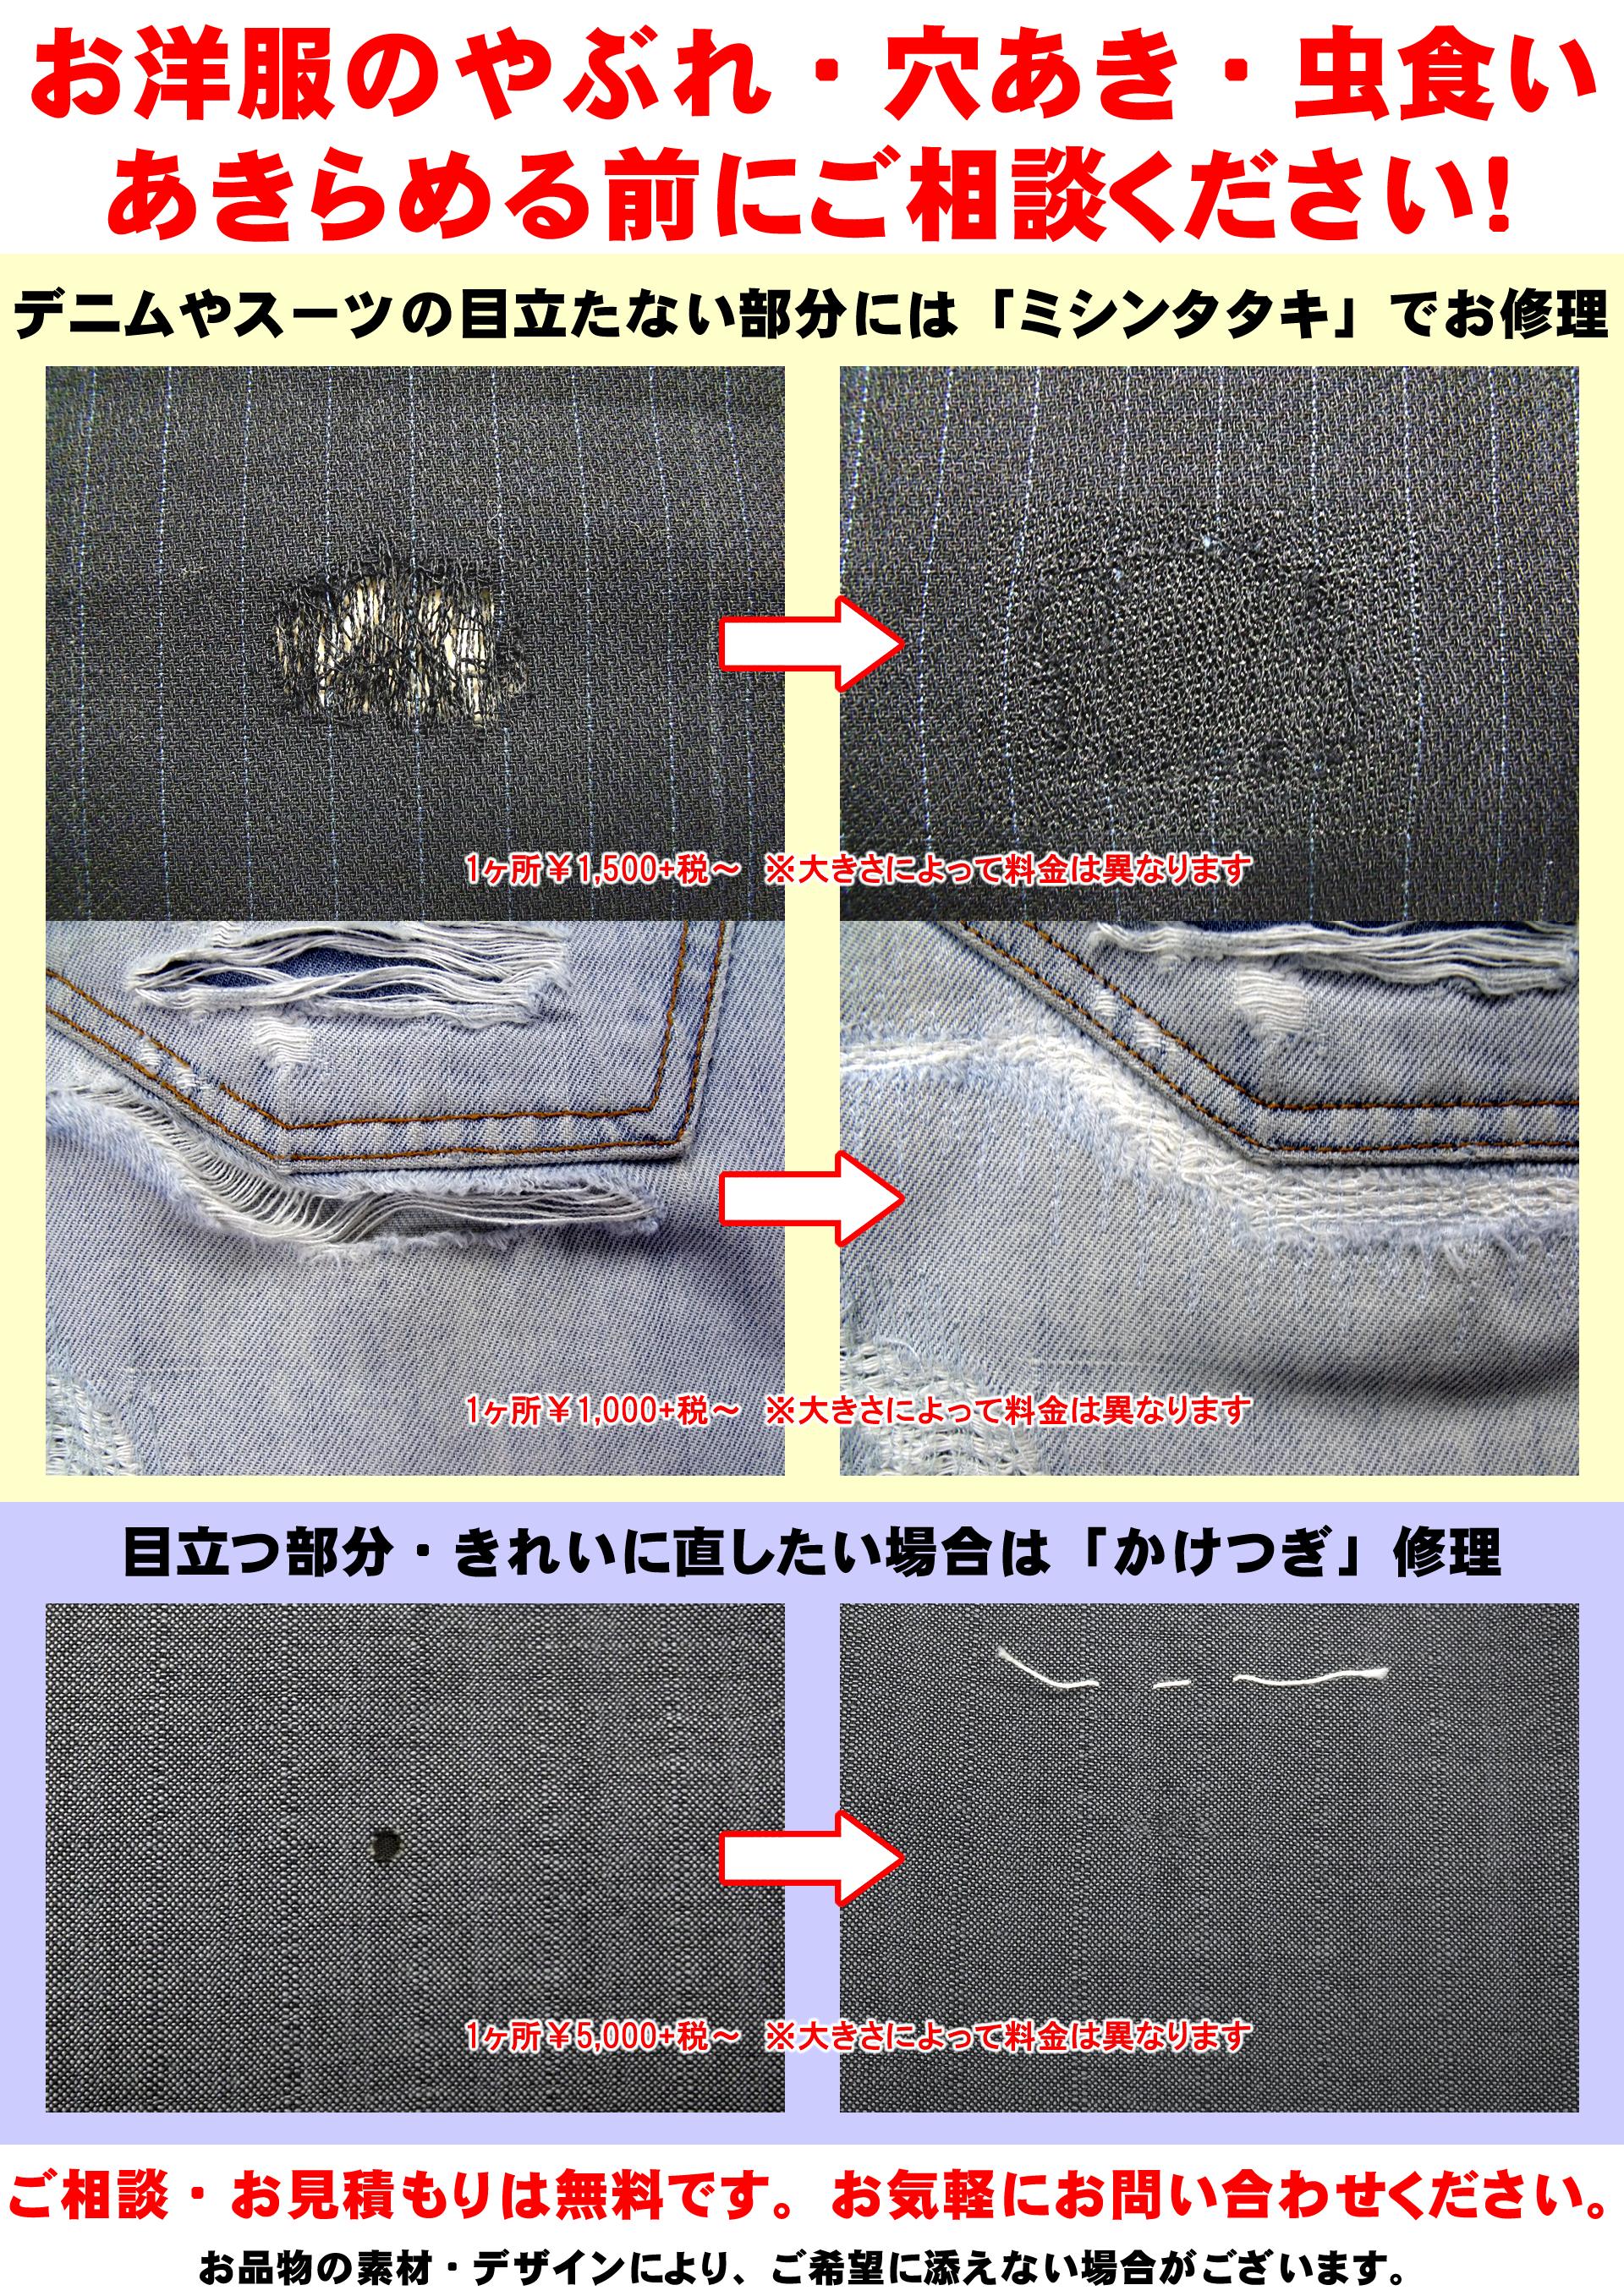 10gatsu__poster